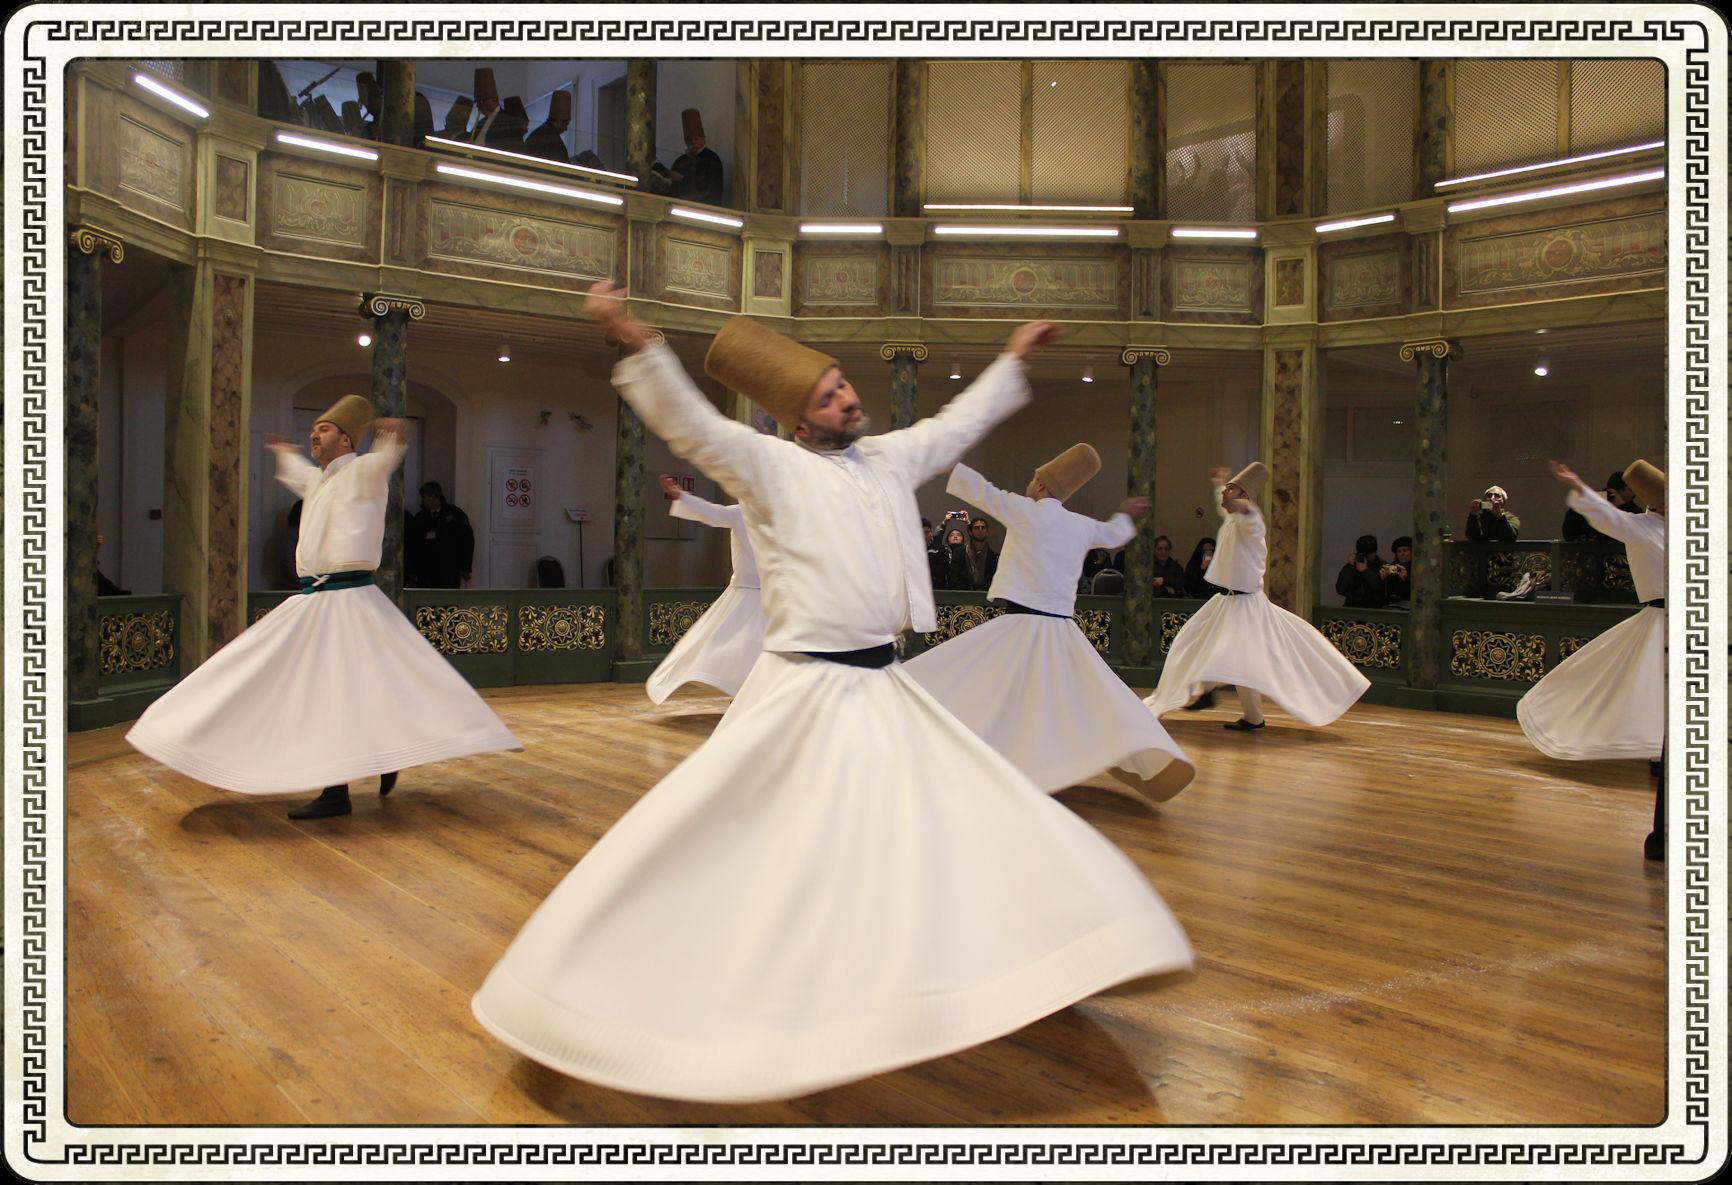 Musikiye Din Bakışı Nedir Müzik Islam Dininde Helal Mi Yoksa Yasak